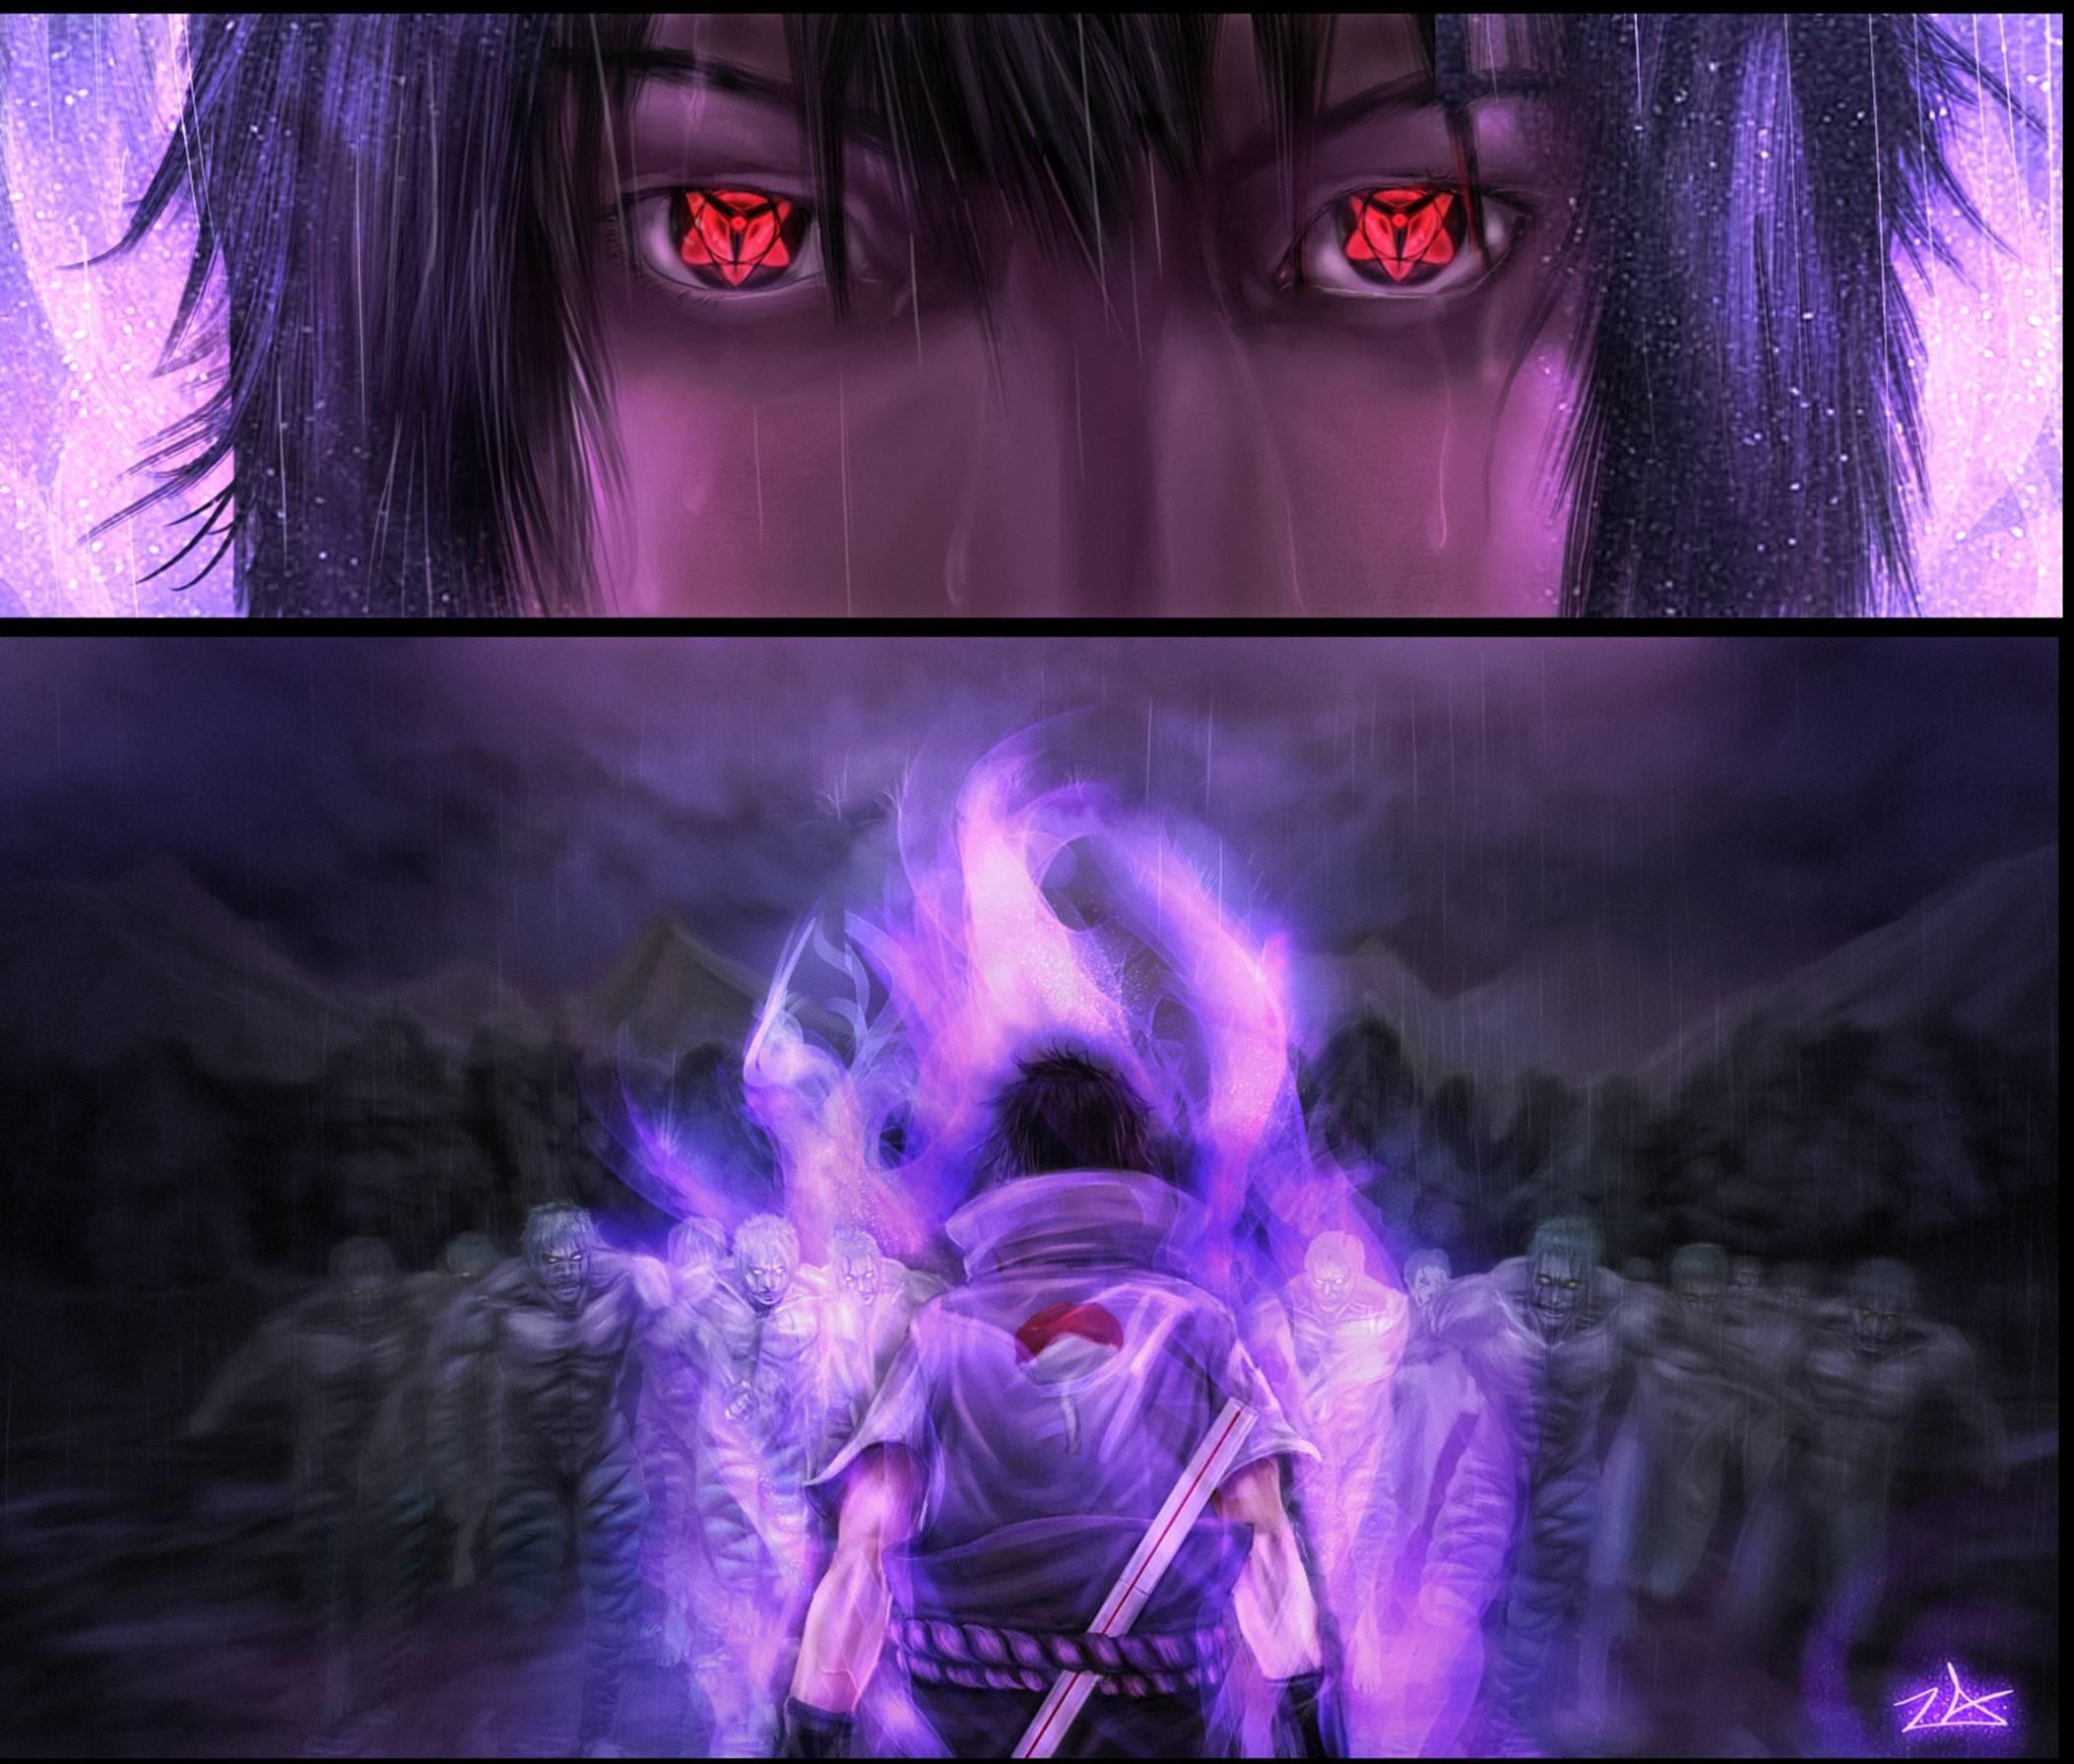 Naruto Shippuden Wallpaper Hd 1080p Sasuke Susanoo Wallpaper 67 Images